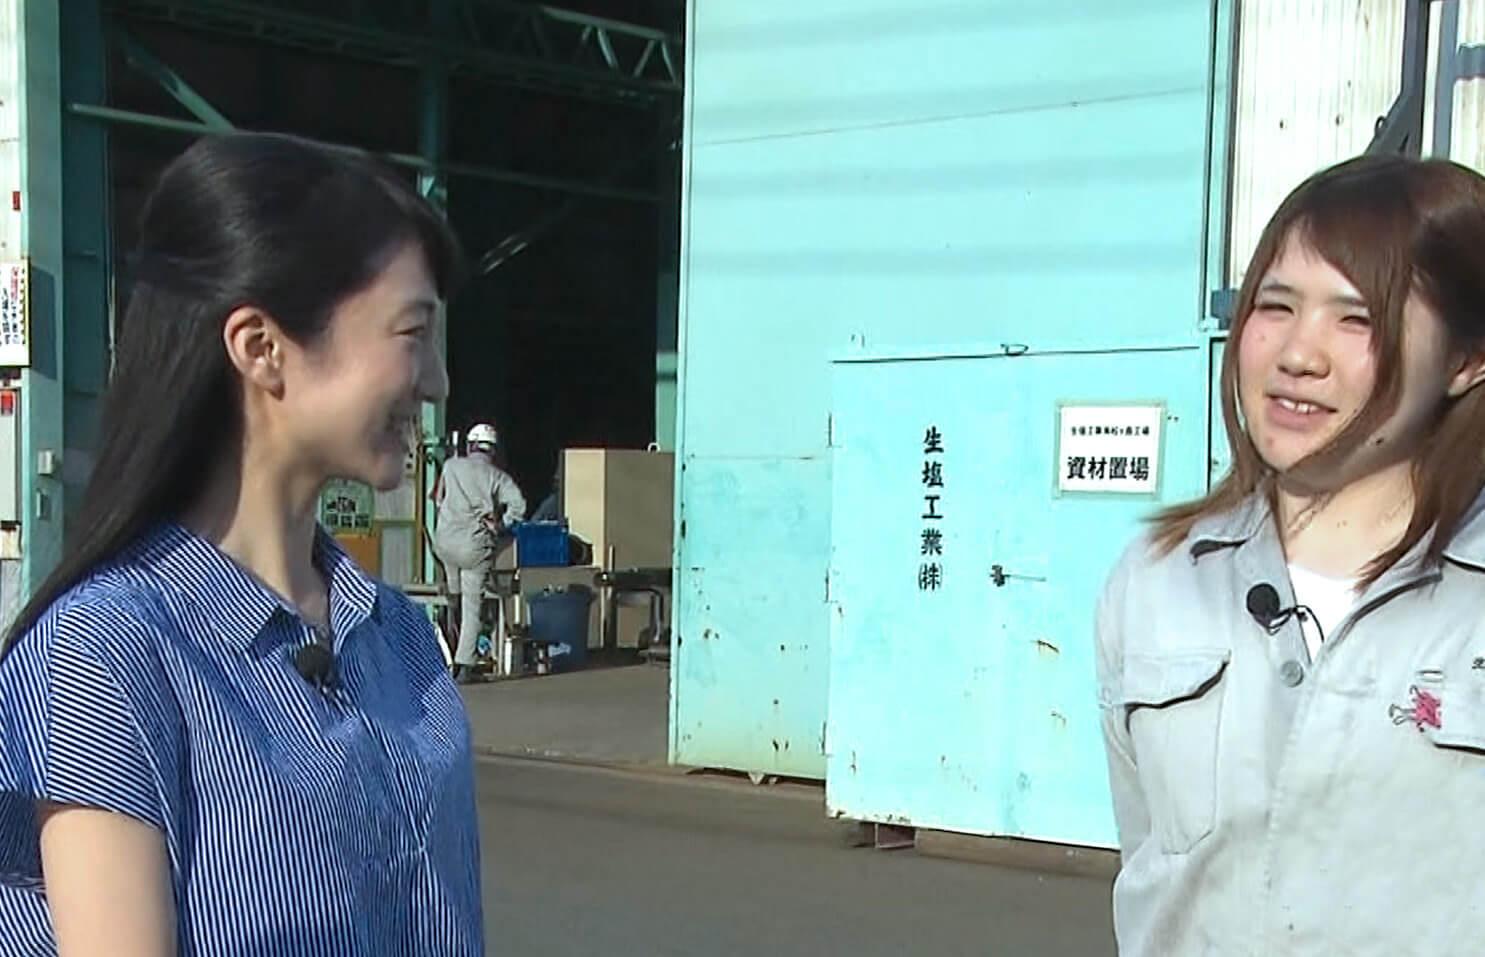 溶接ガールが<br /> 千葉テレビに紹介いただきました